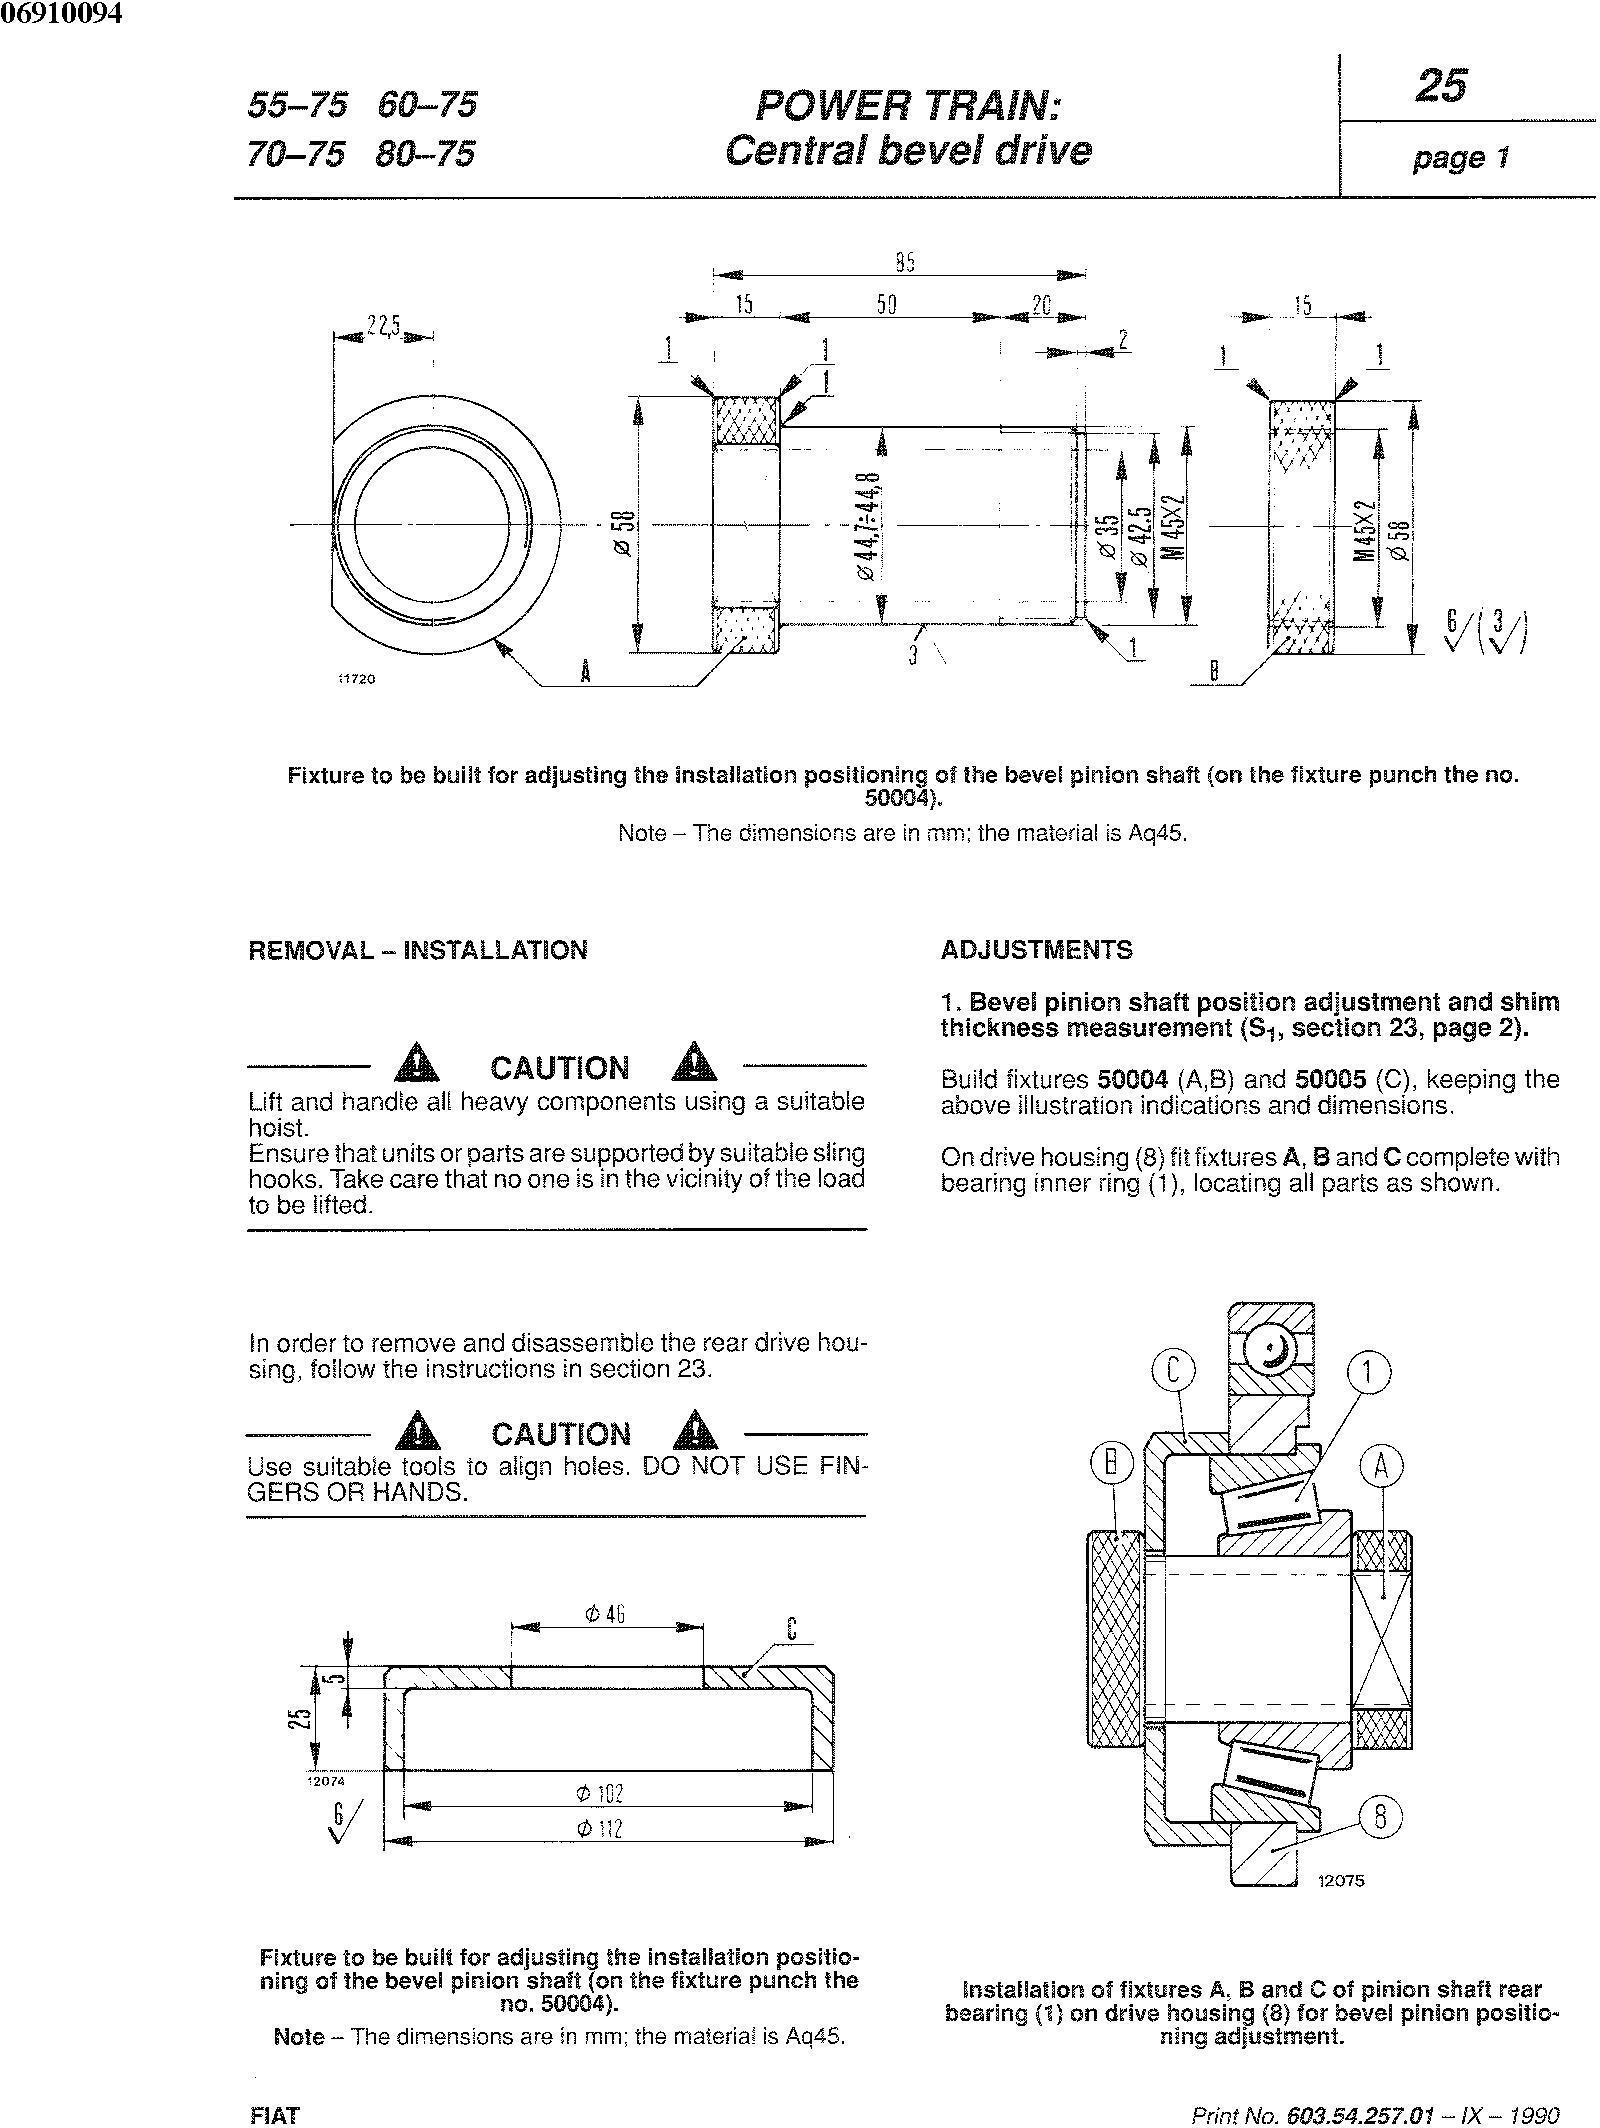 Fiat 55-65,60-65,70-65,80-65, 55-75,60-75,70-75,80-75, 465C, 555C, 665C, 765C Tractor Service Manual - 3